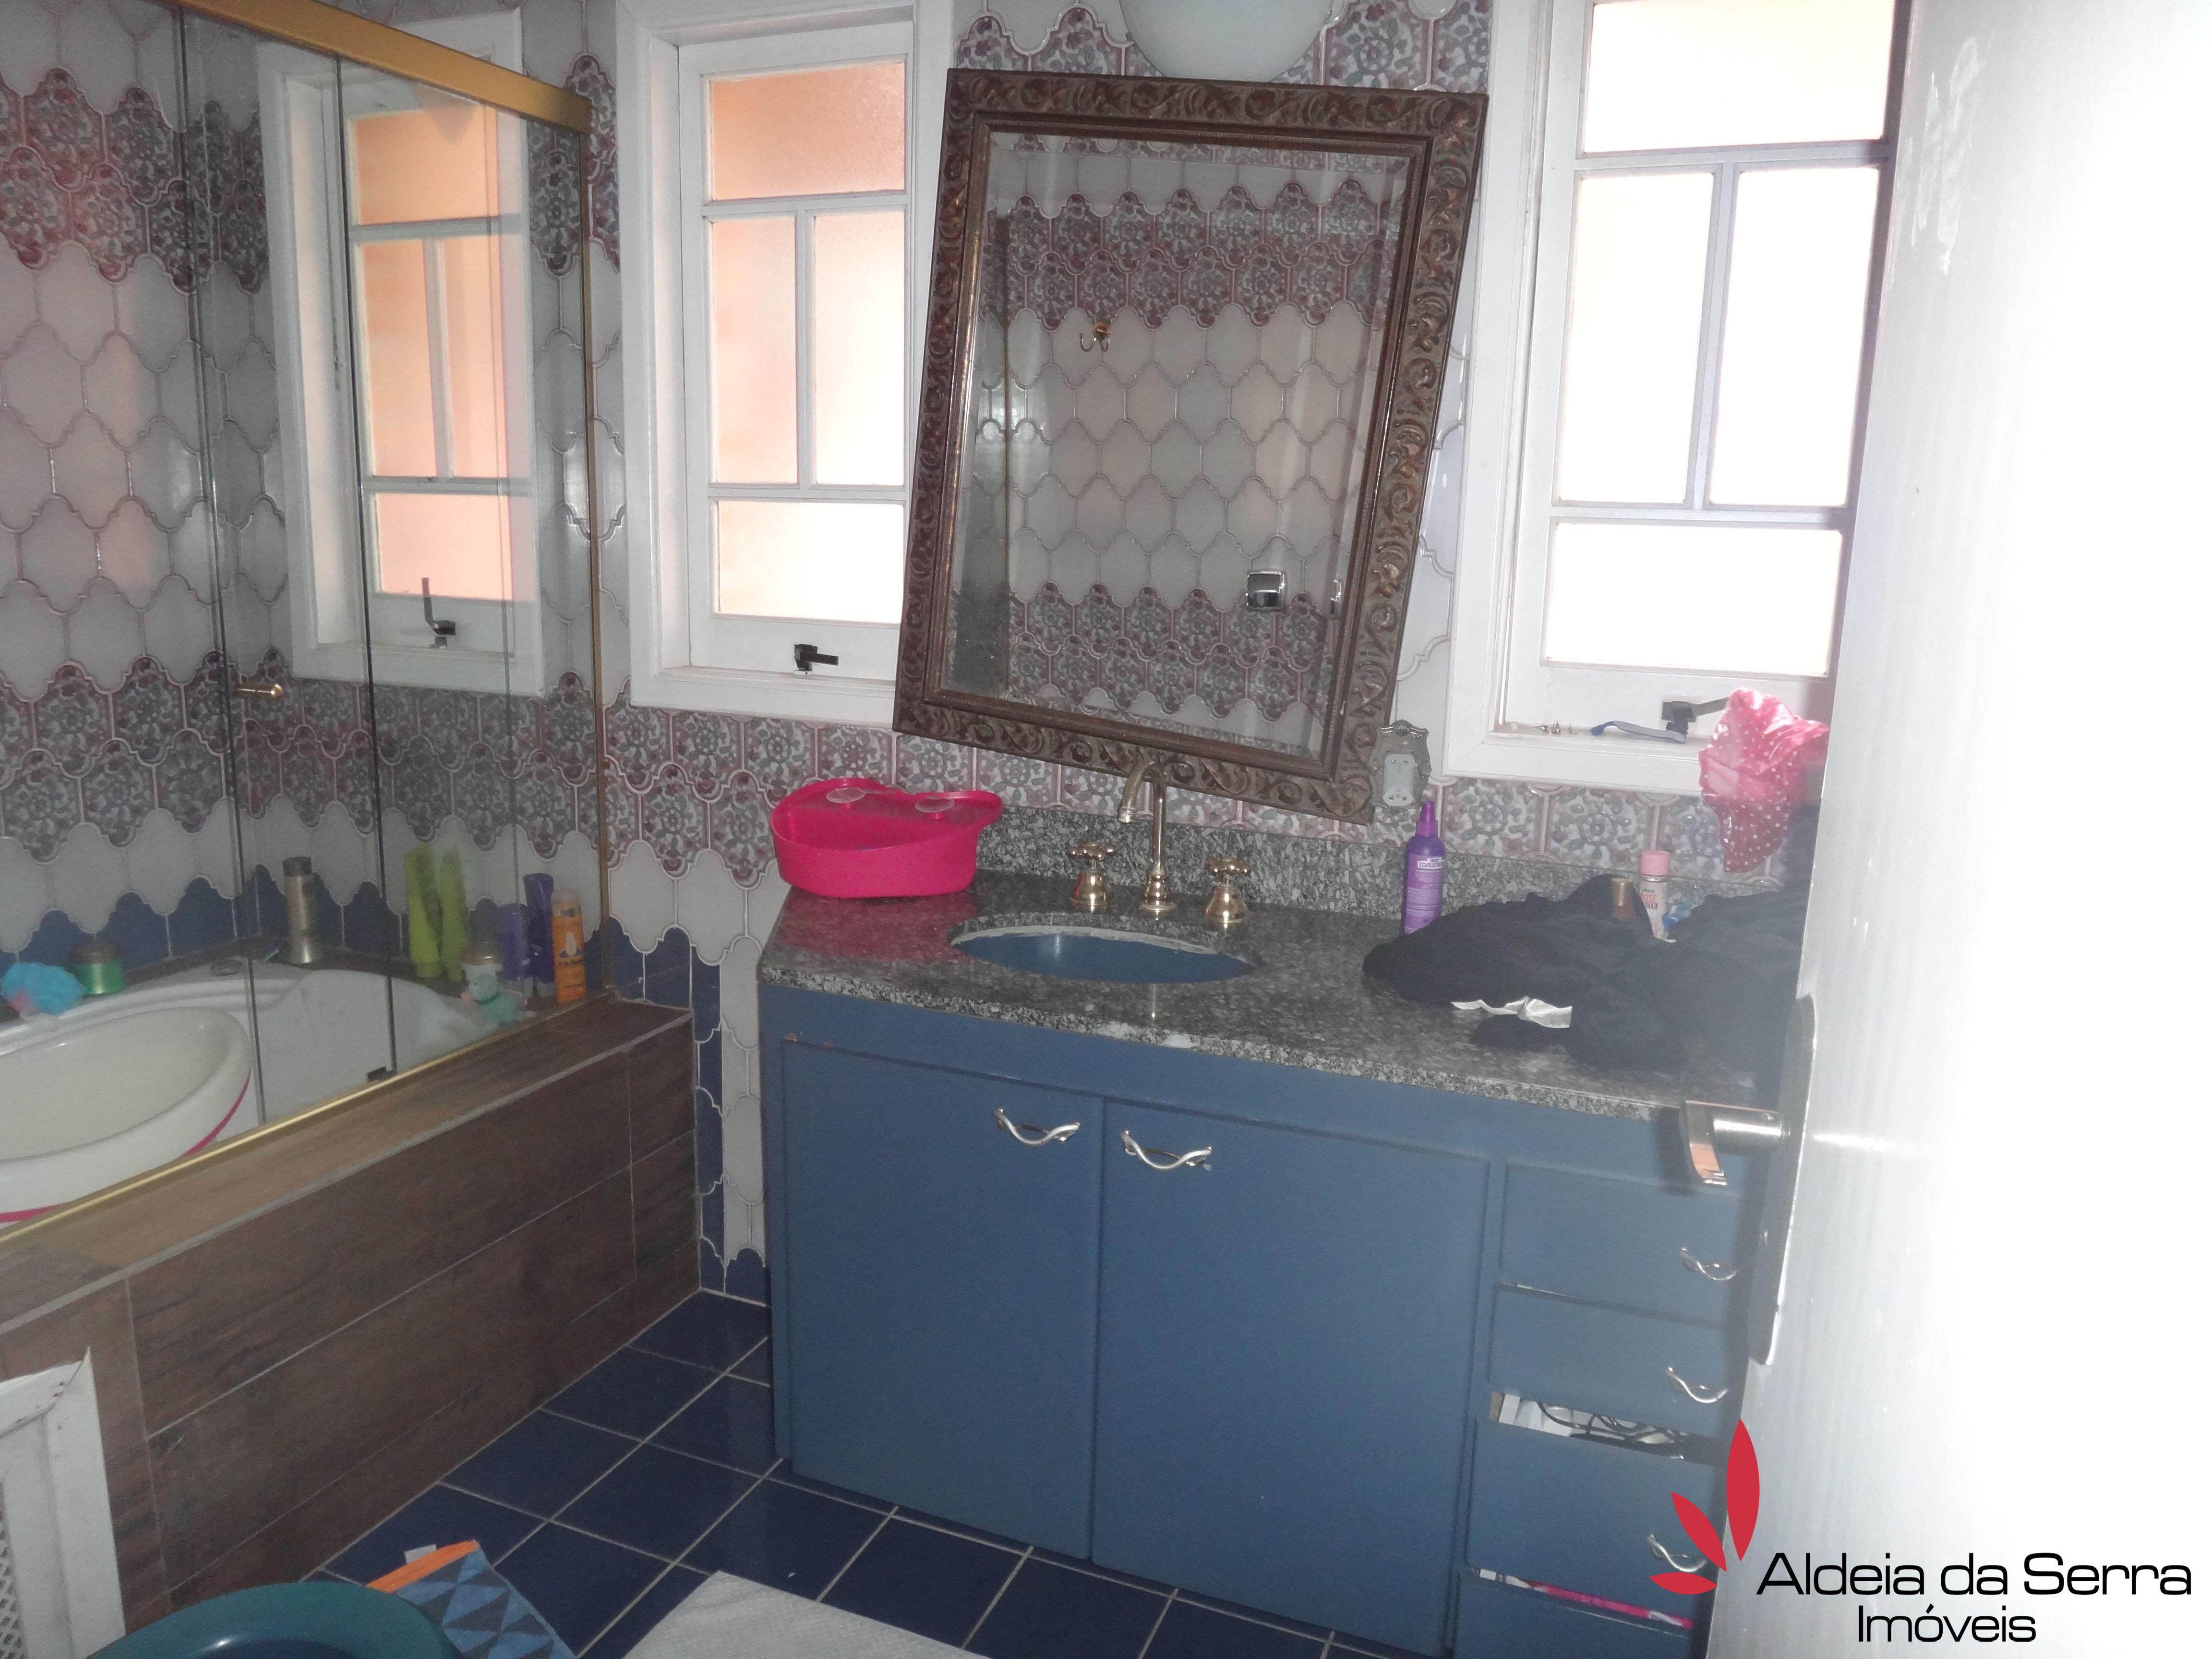 /admin/imoveis/fotos/imagem24jpg(1).jpg Aldeia da Serra Imoveis